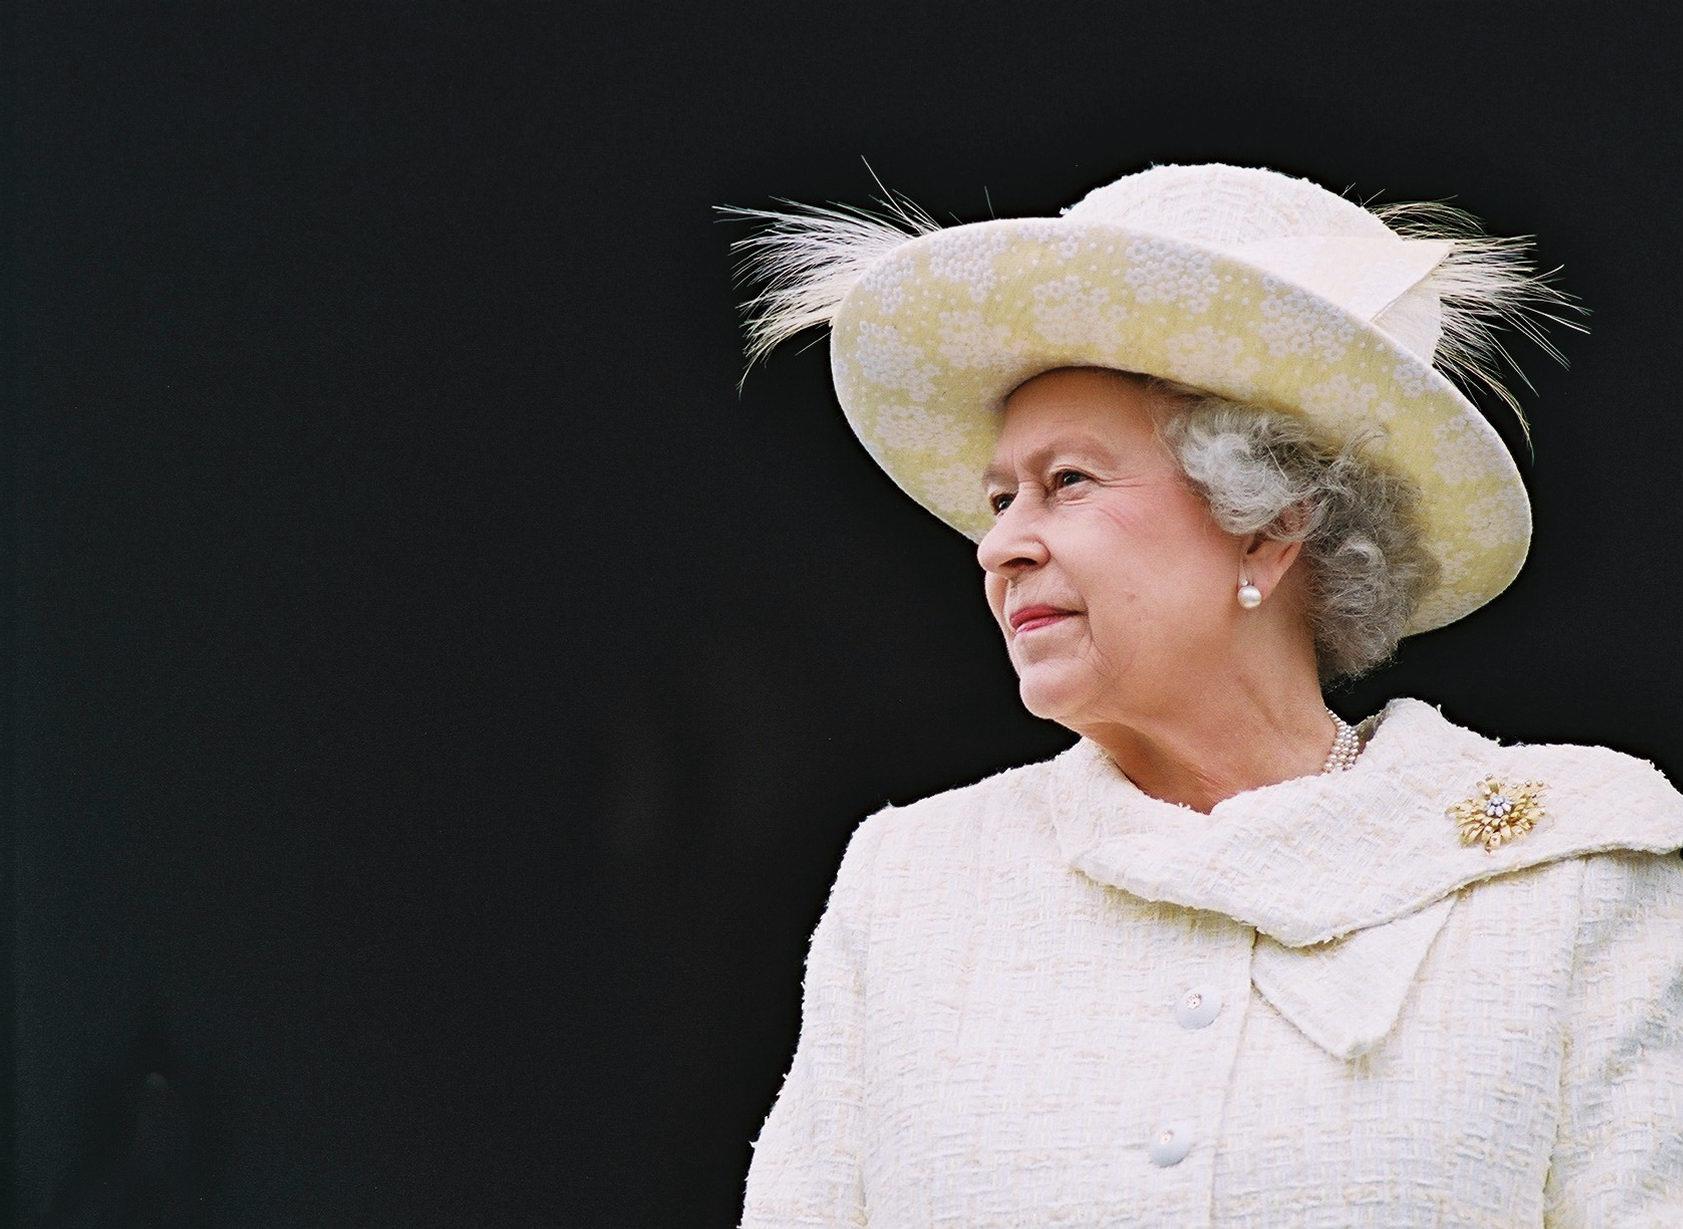 The-Queen-Elizabeth-II